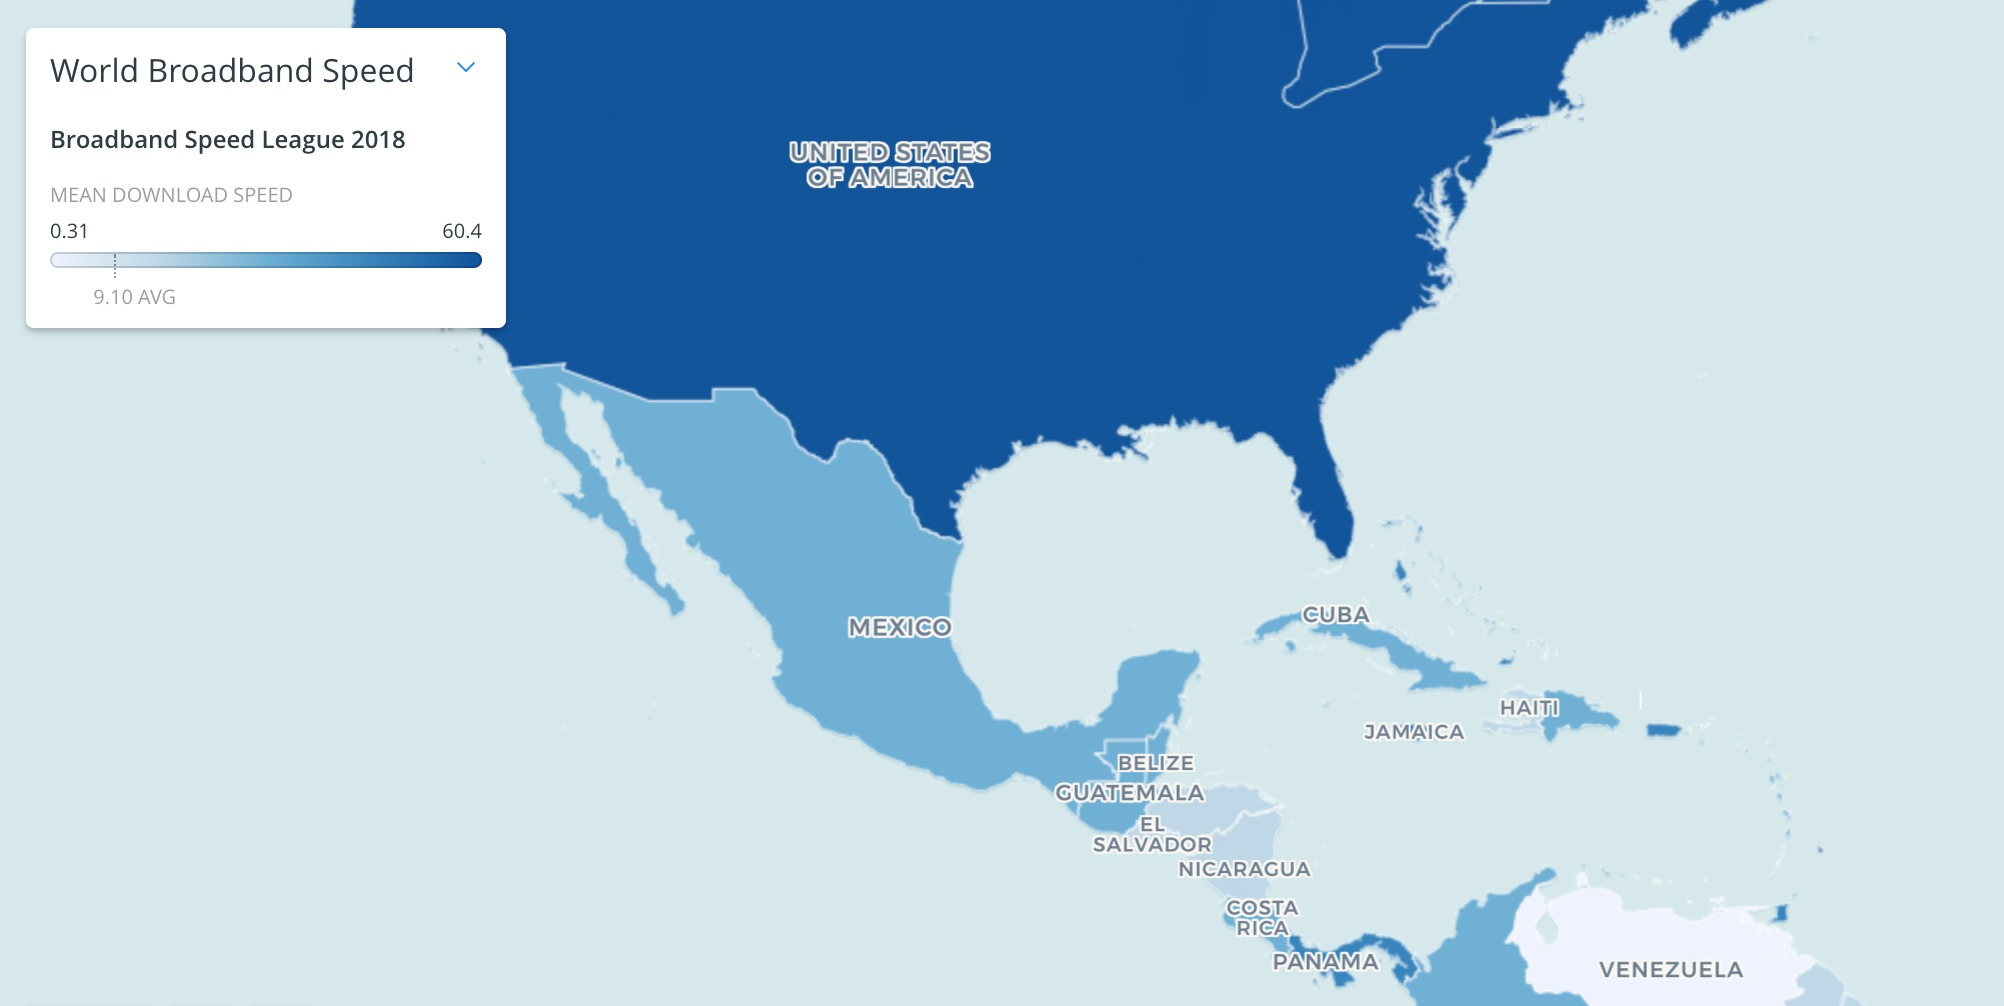 El mapa de Cable